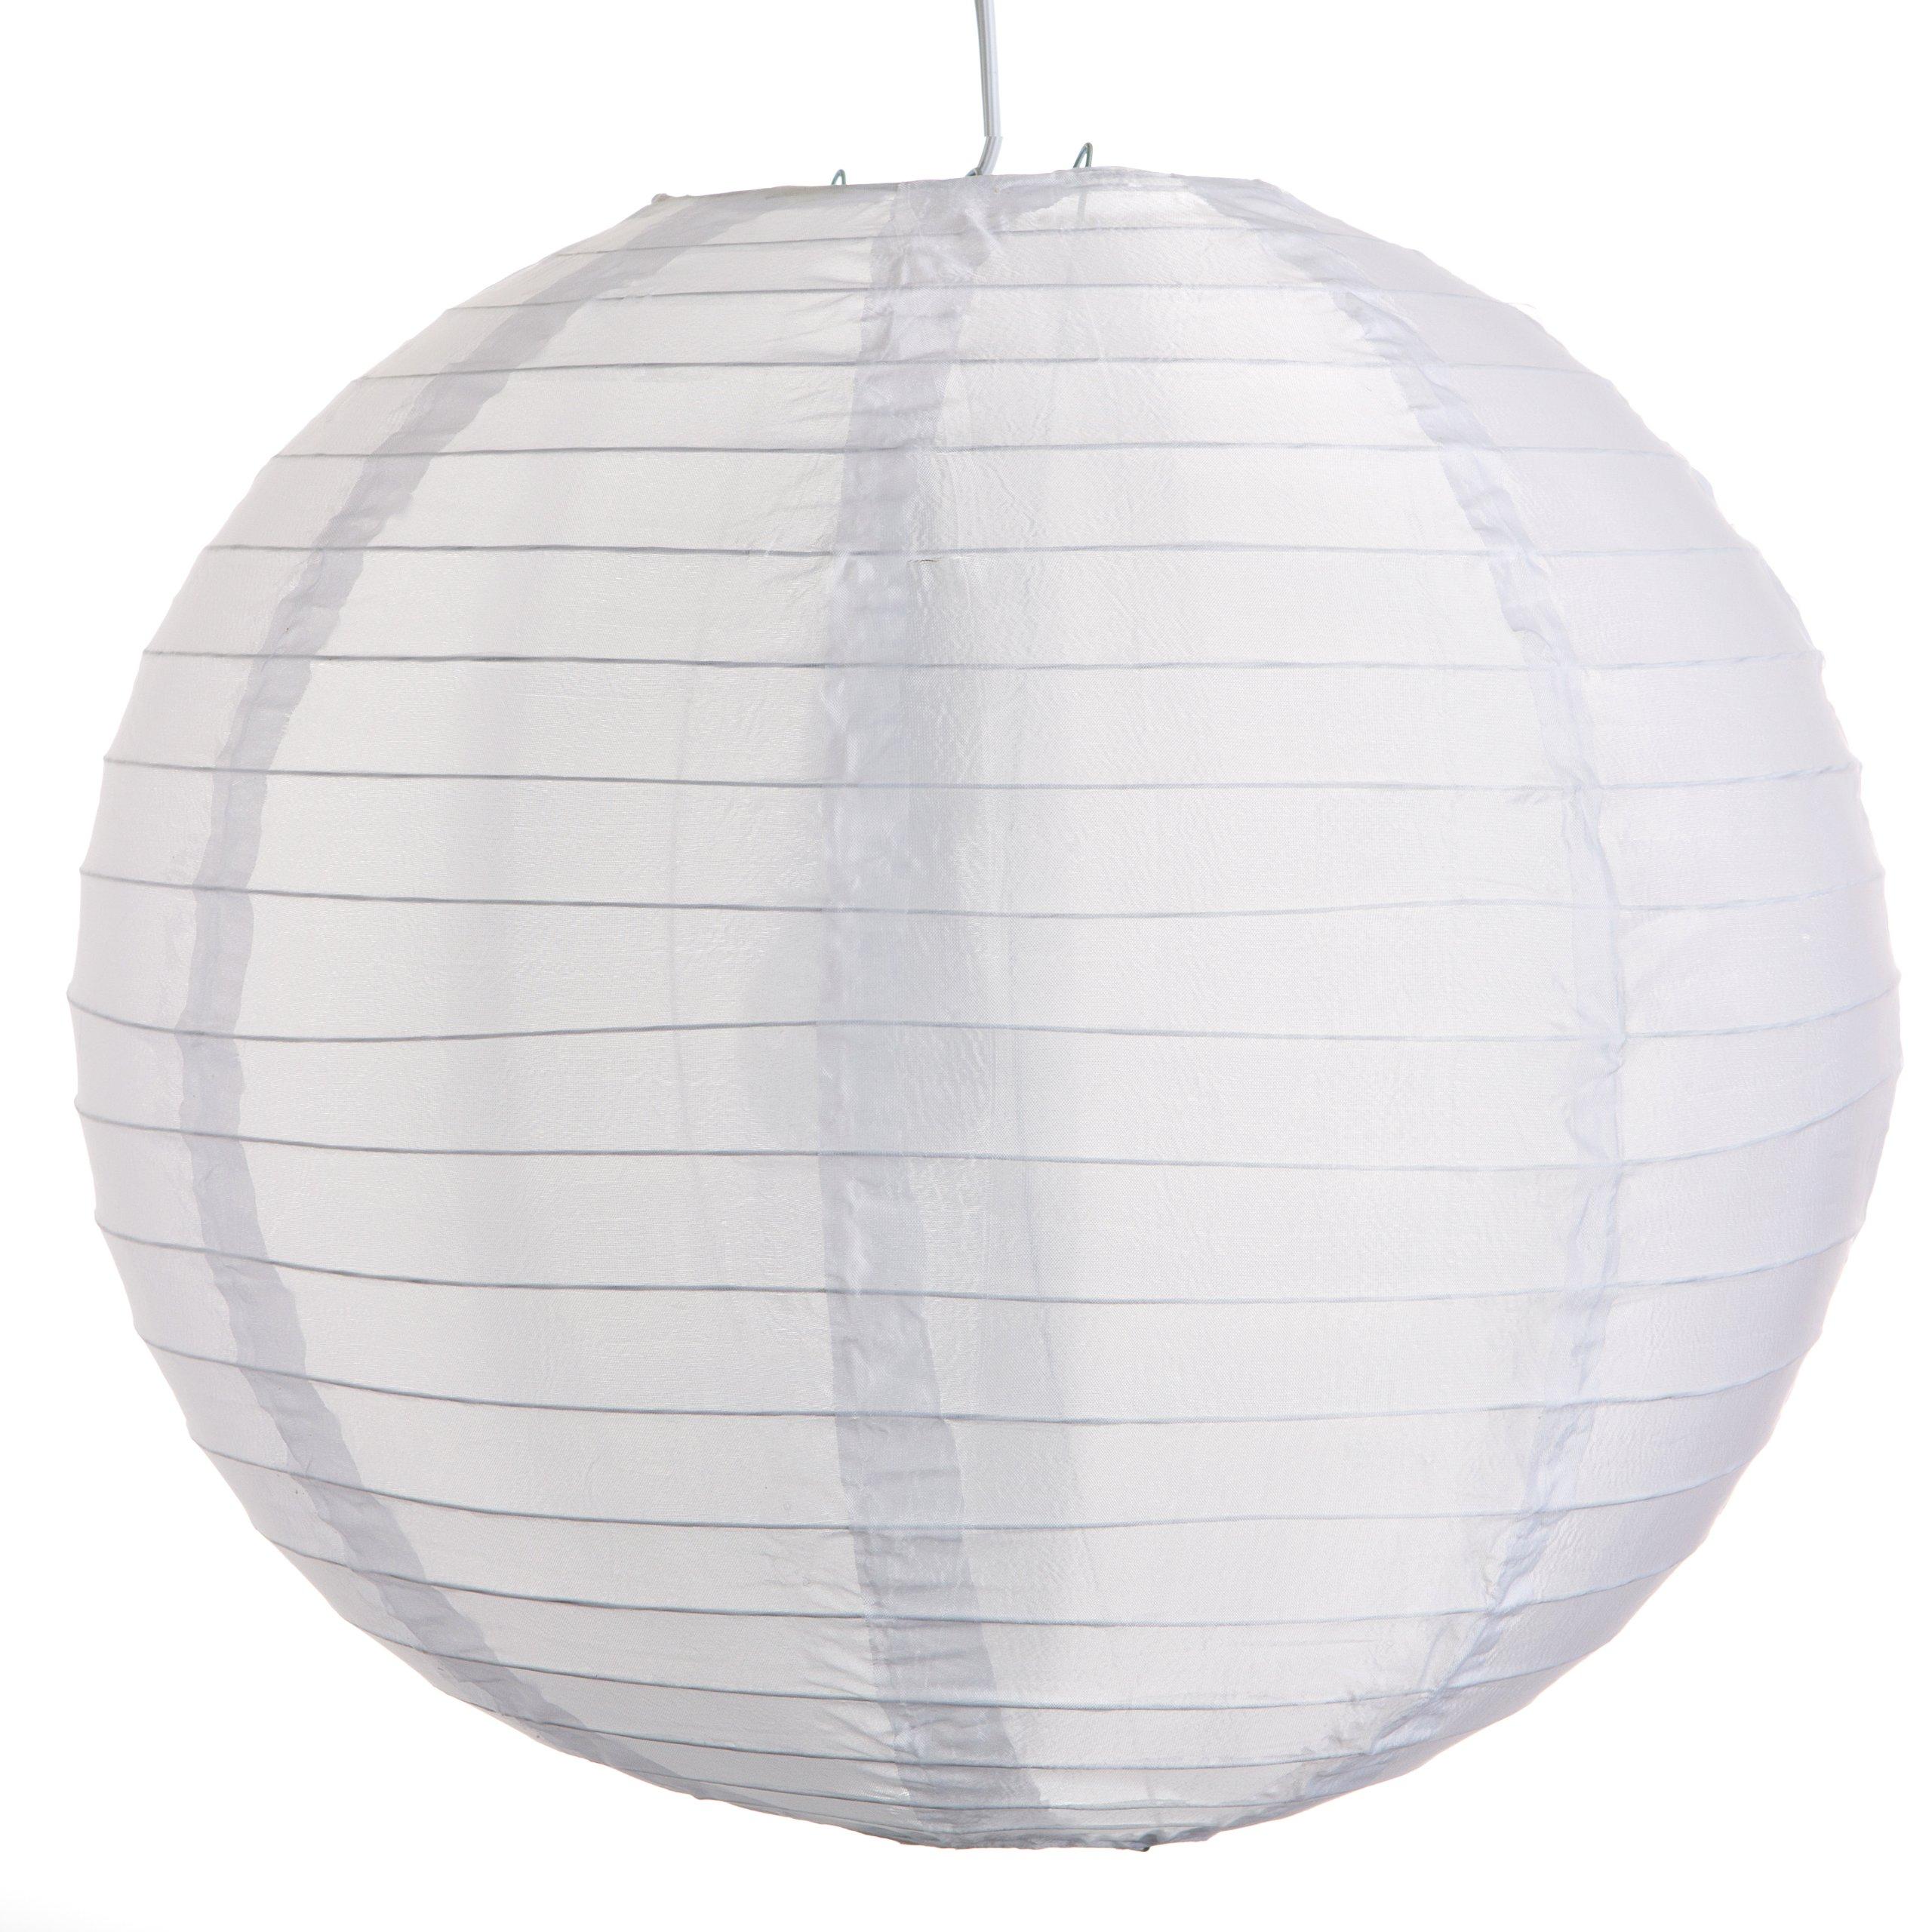 Round Party Wedding Lanterns (16 Inch, White Nylon Waterproof Lanterns) by Hometown Evolution, Inc.